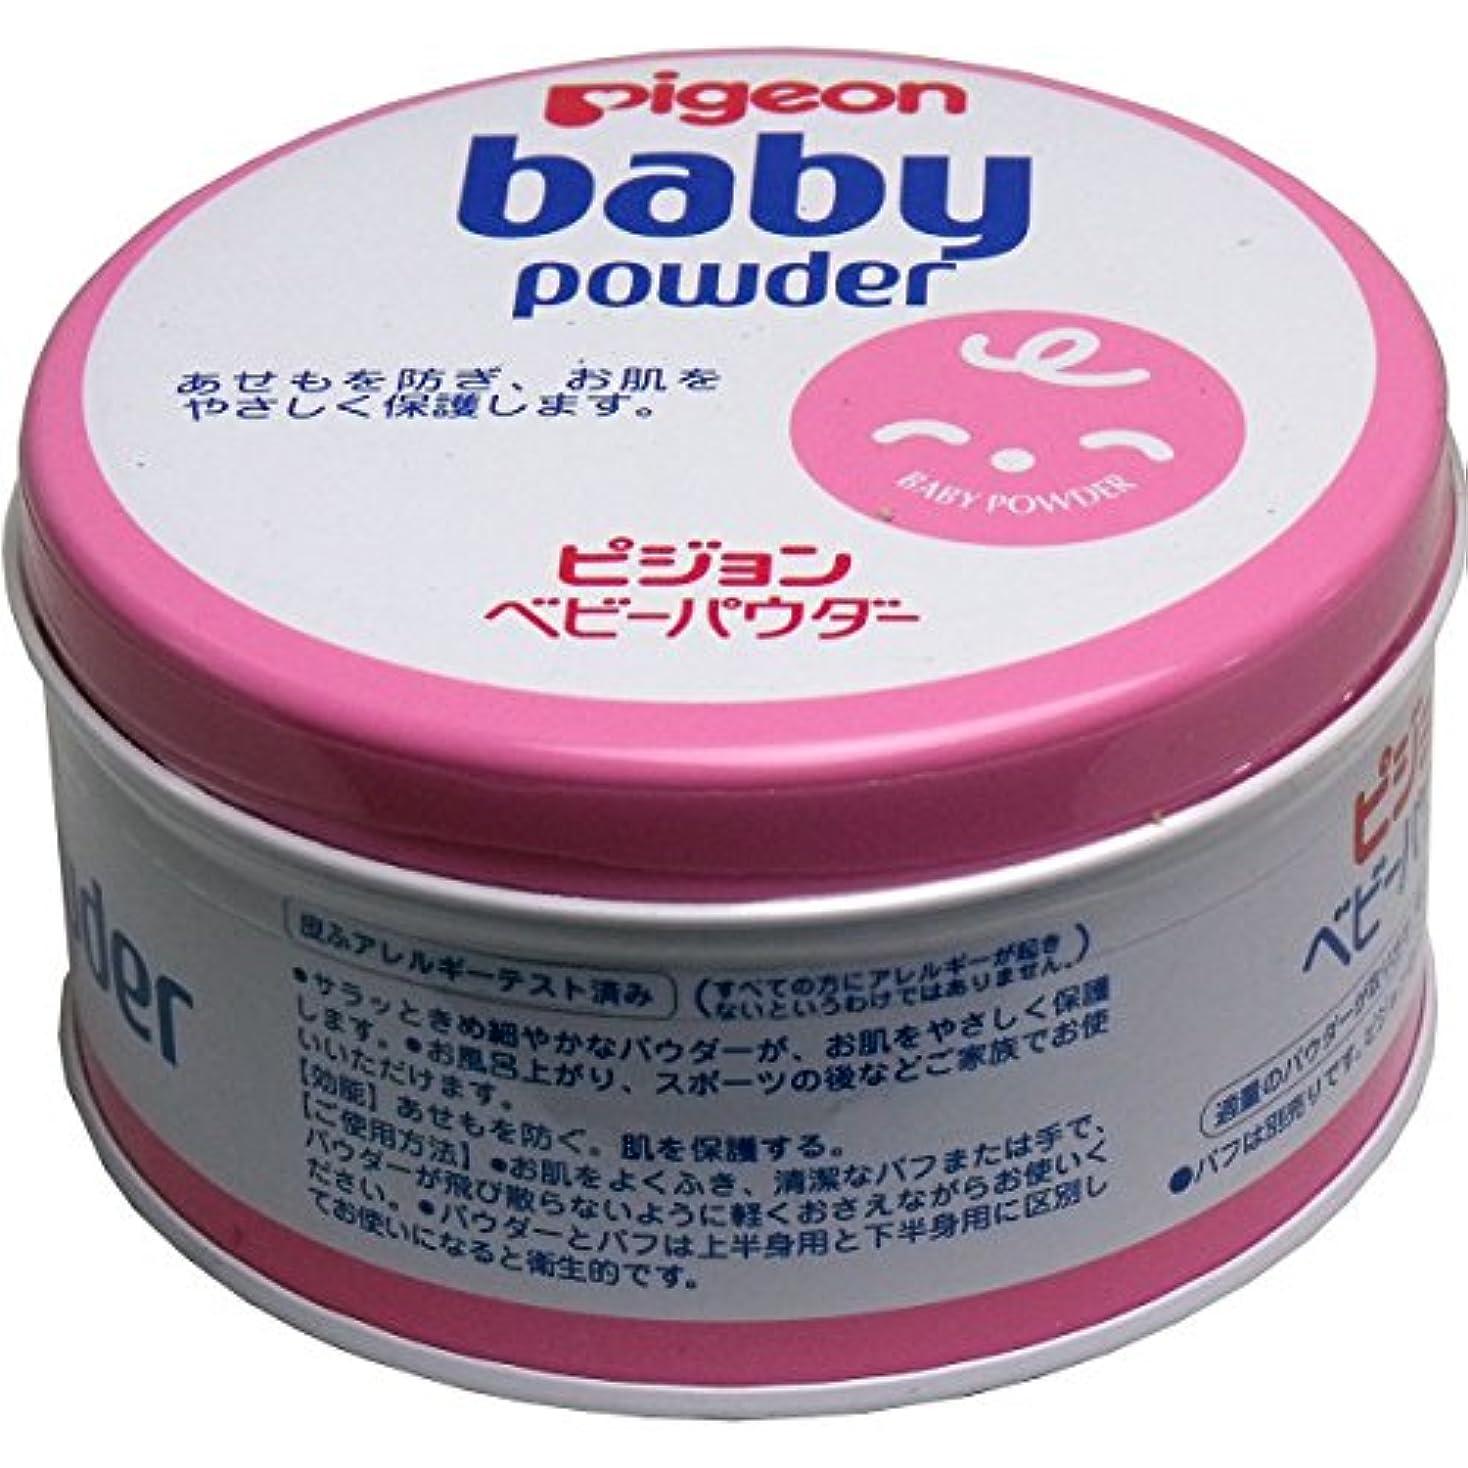 ピジョン ベビーパウダー ピンク缶 ×8個セット